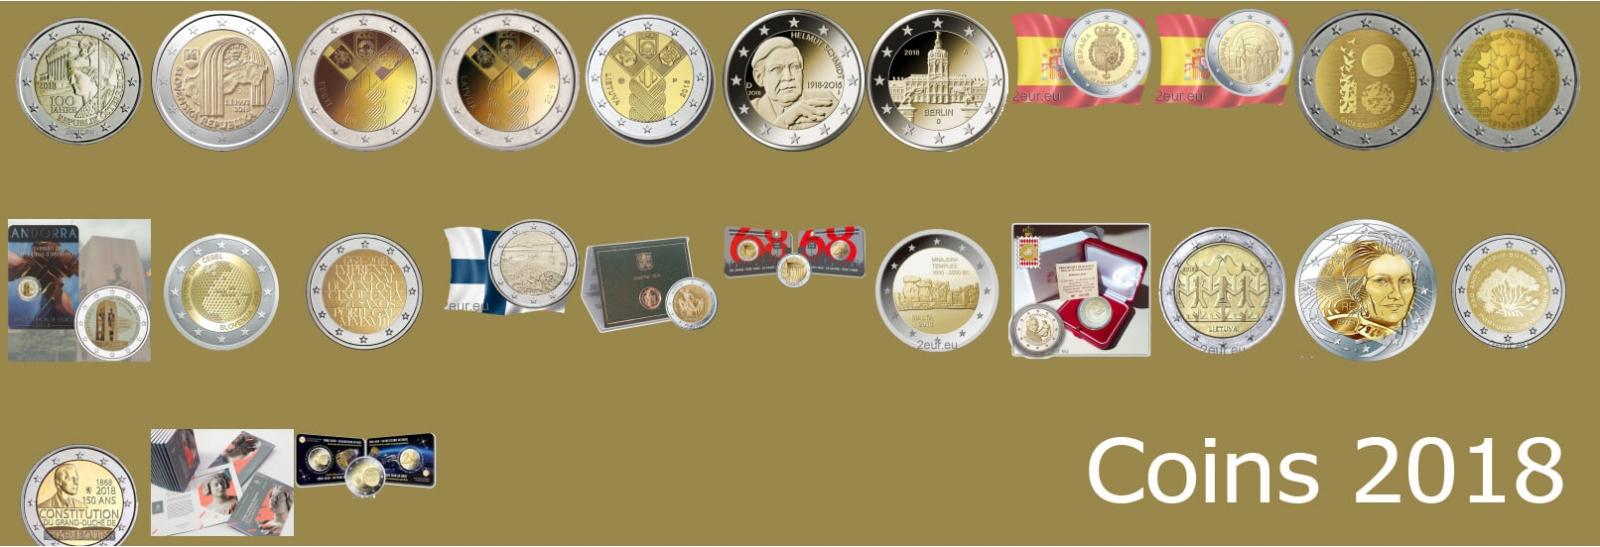 Coins 2018